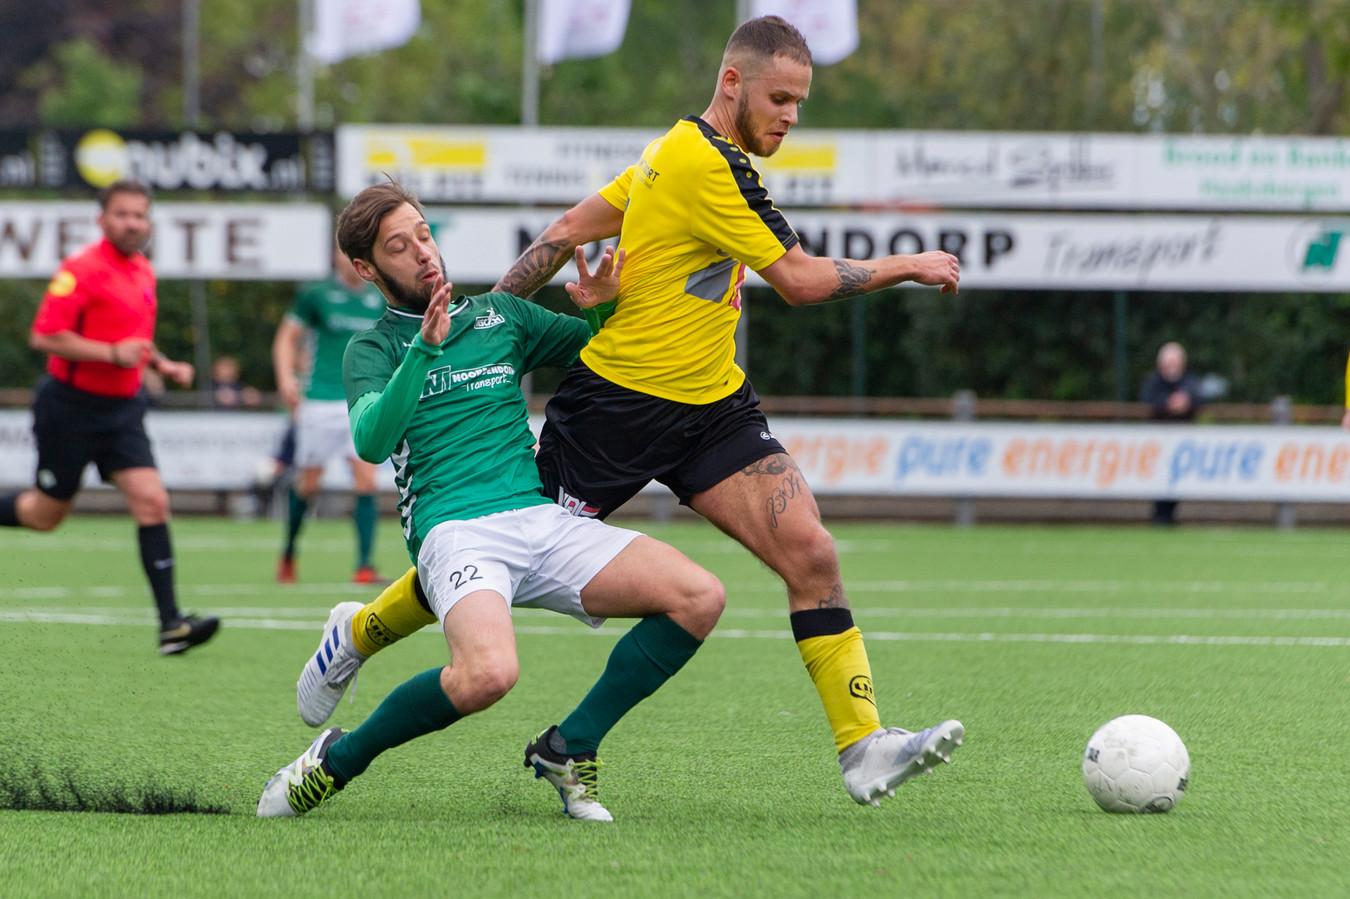 l+r  Diego van der Weide of HSC'21, Bassou Boulghalgh of UNA  COPYRIGHT;orangepictures/Ron Jonker